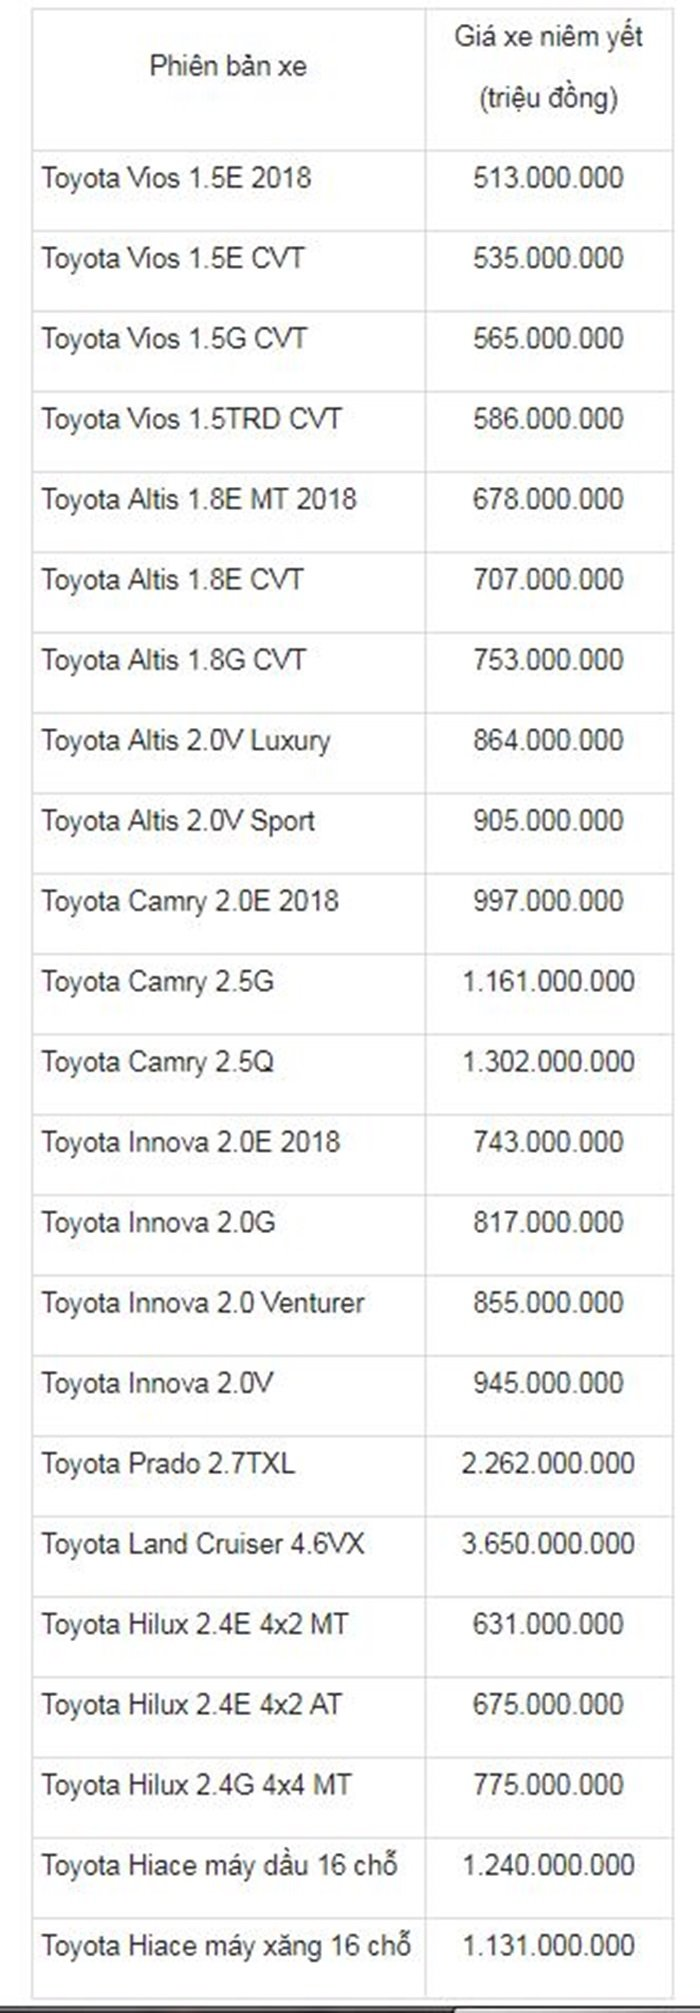 Bang gia xe o to Toyota thang 7/2018 moi nhat hinh anh 1